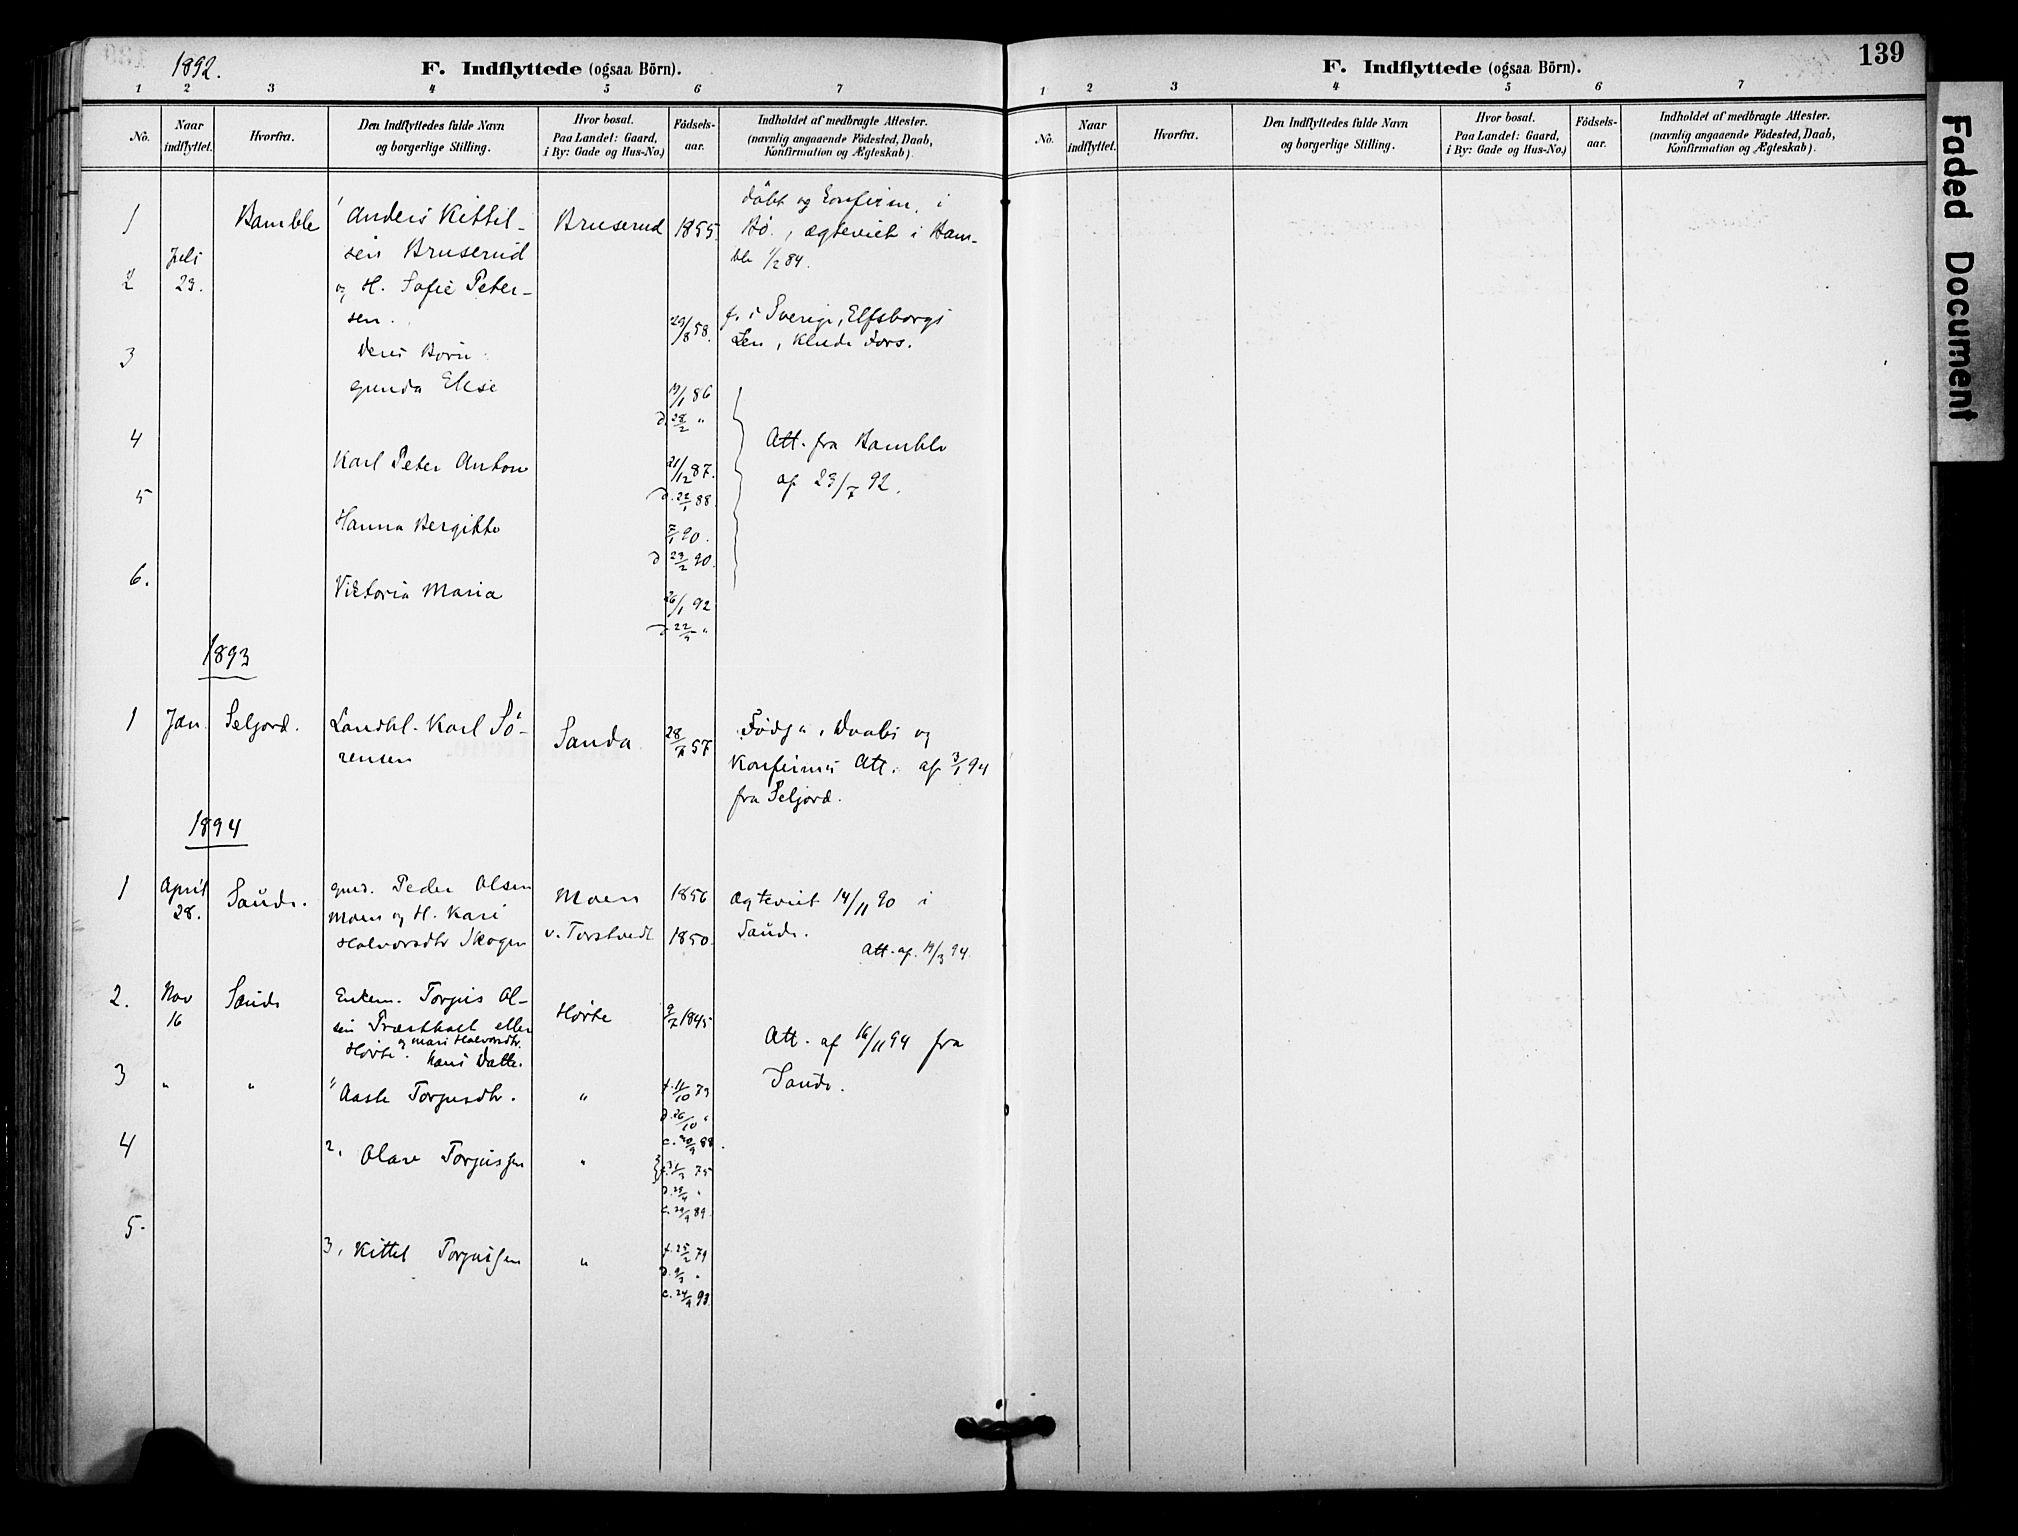 SAKO, Bø kirkebøker, F/Fa/L0011: Ministerialbok nr. 11, 1892-1900, s. 139